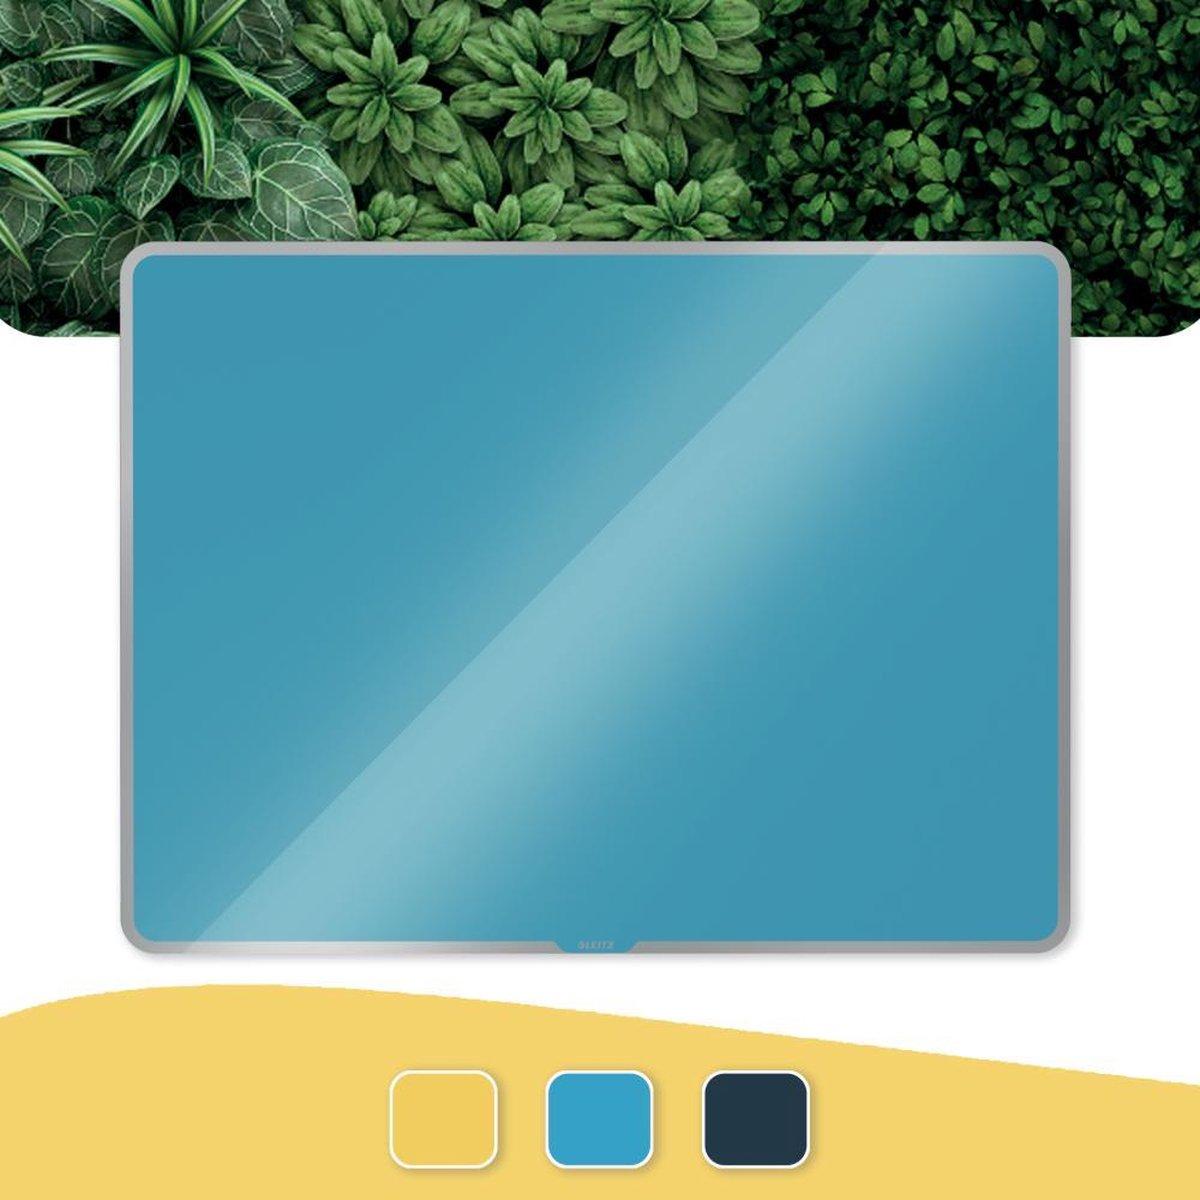 Leitz Cosy Glazen, Magnetisch Whiteboard Met Montageset - Glassboard Inclusief Microvezeldoek, Uitwisbare Marker Met Wisser - 800x600mm - Sereen Blauw